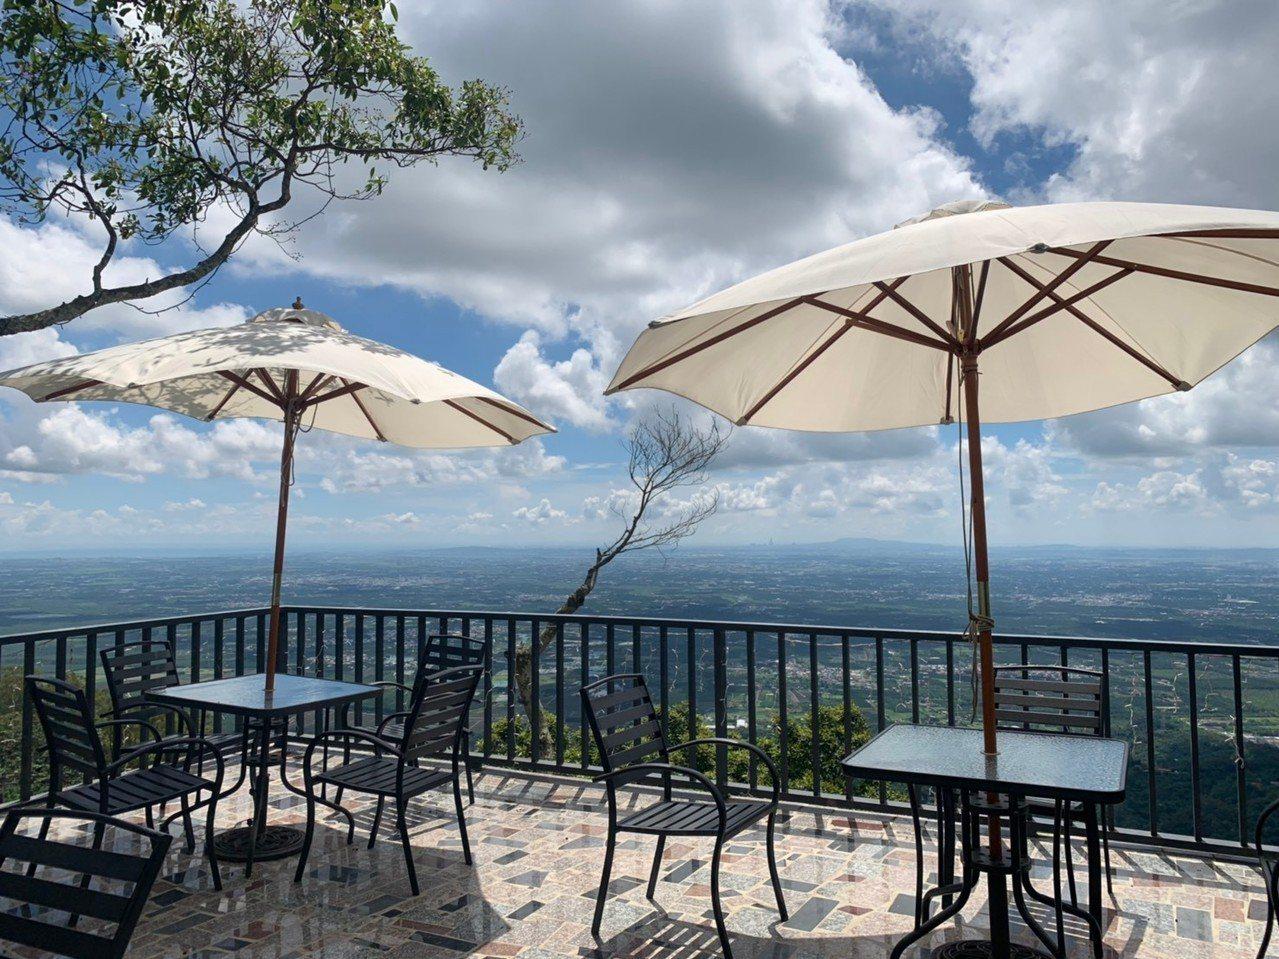 去年才畢業的雷瑞瑀,回到泰武鄉山區打造拉拔克咖啡屋,讓民眾能從比台北101更高的...